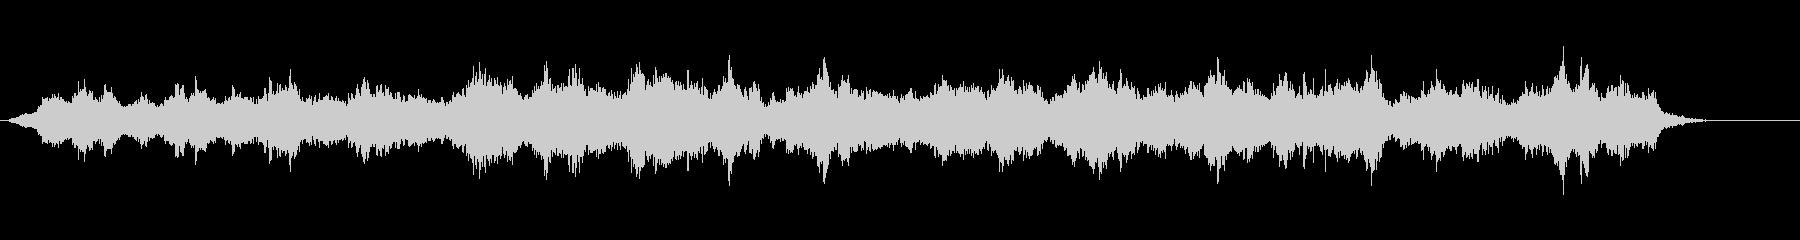 オーロラの夜をイメージした環境音楽の未再生の波形